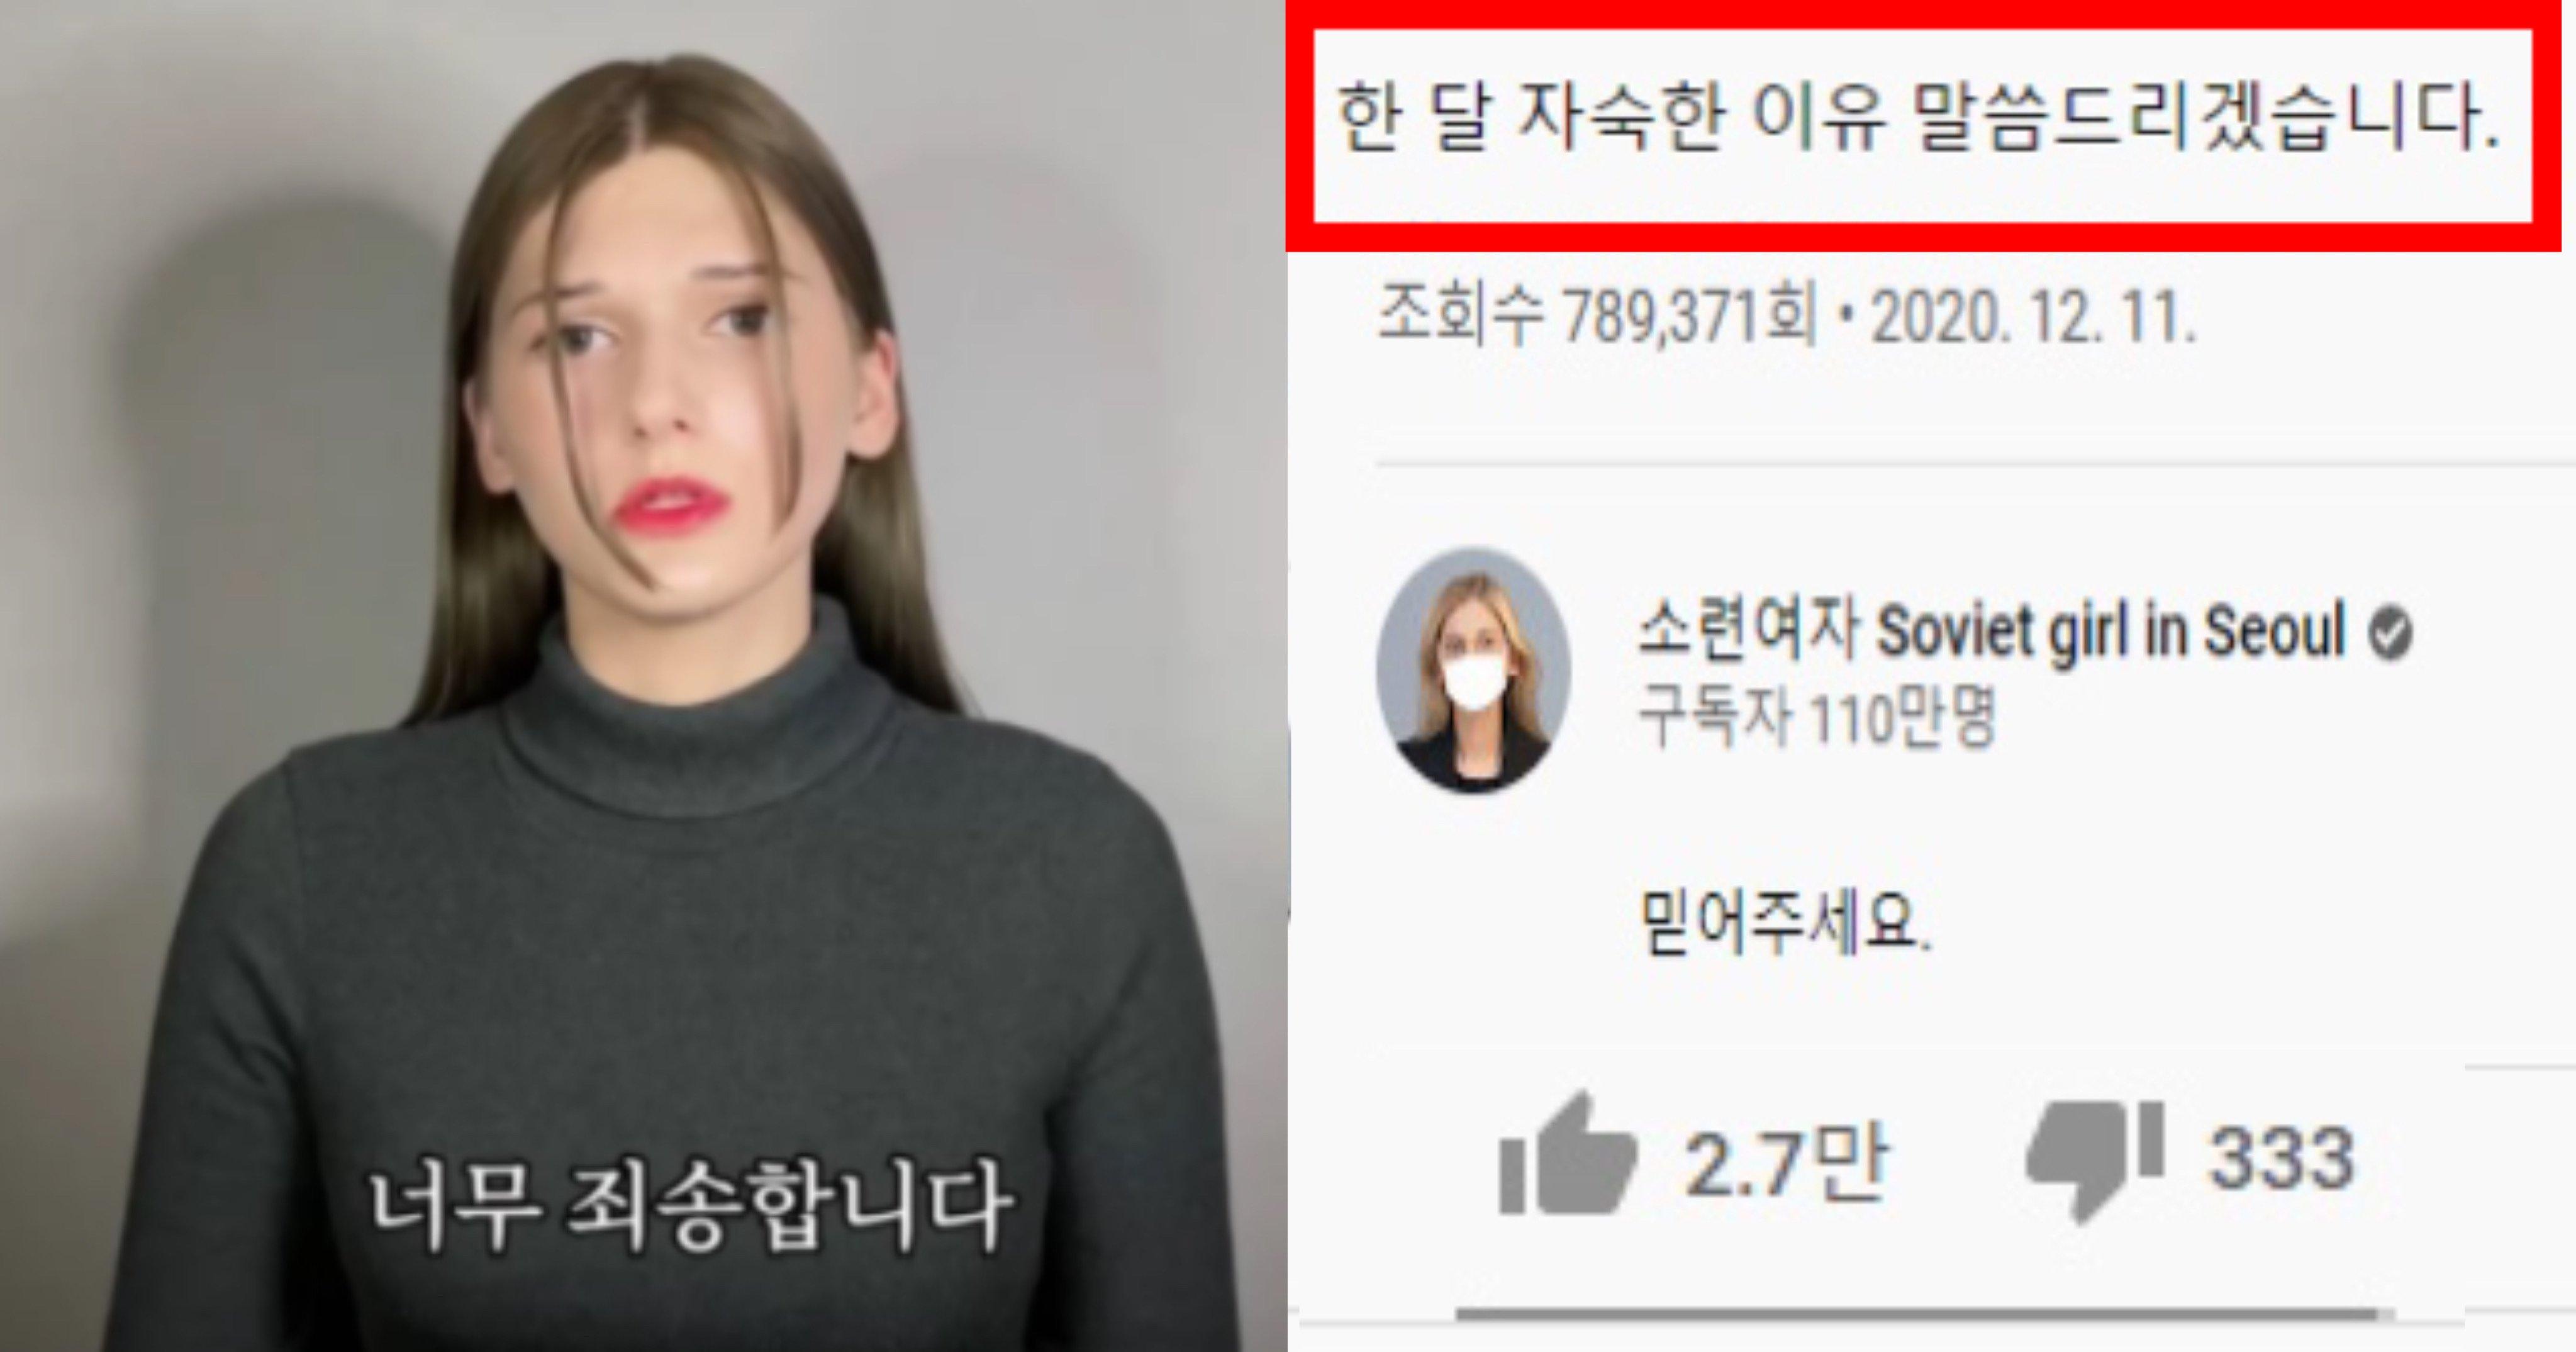 """456123 1.jpg?resize=412,232 - """"이렇게 좋지 않은 일로...너무 죄송합니다""""...유튜버'소련여자' 한 달 자숙 이유 밝혔다(+영상)"""